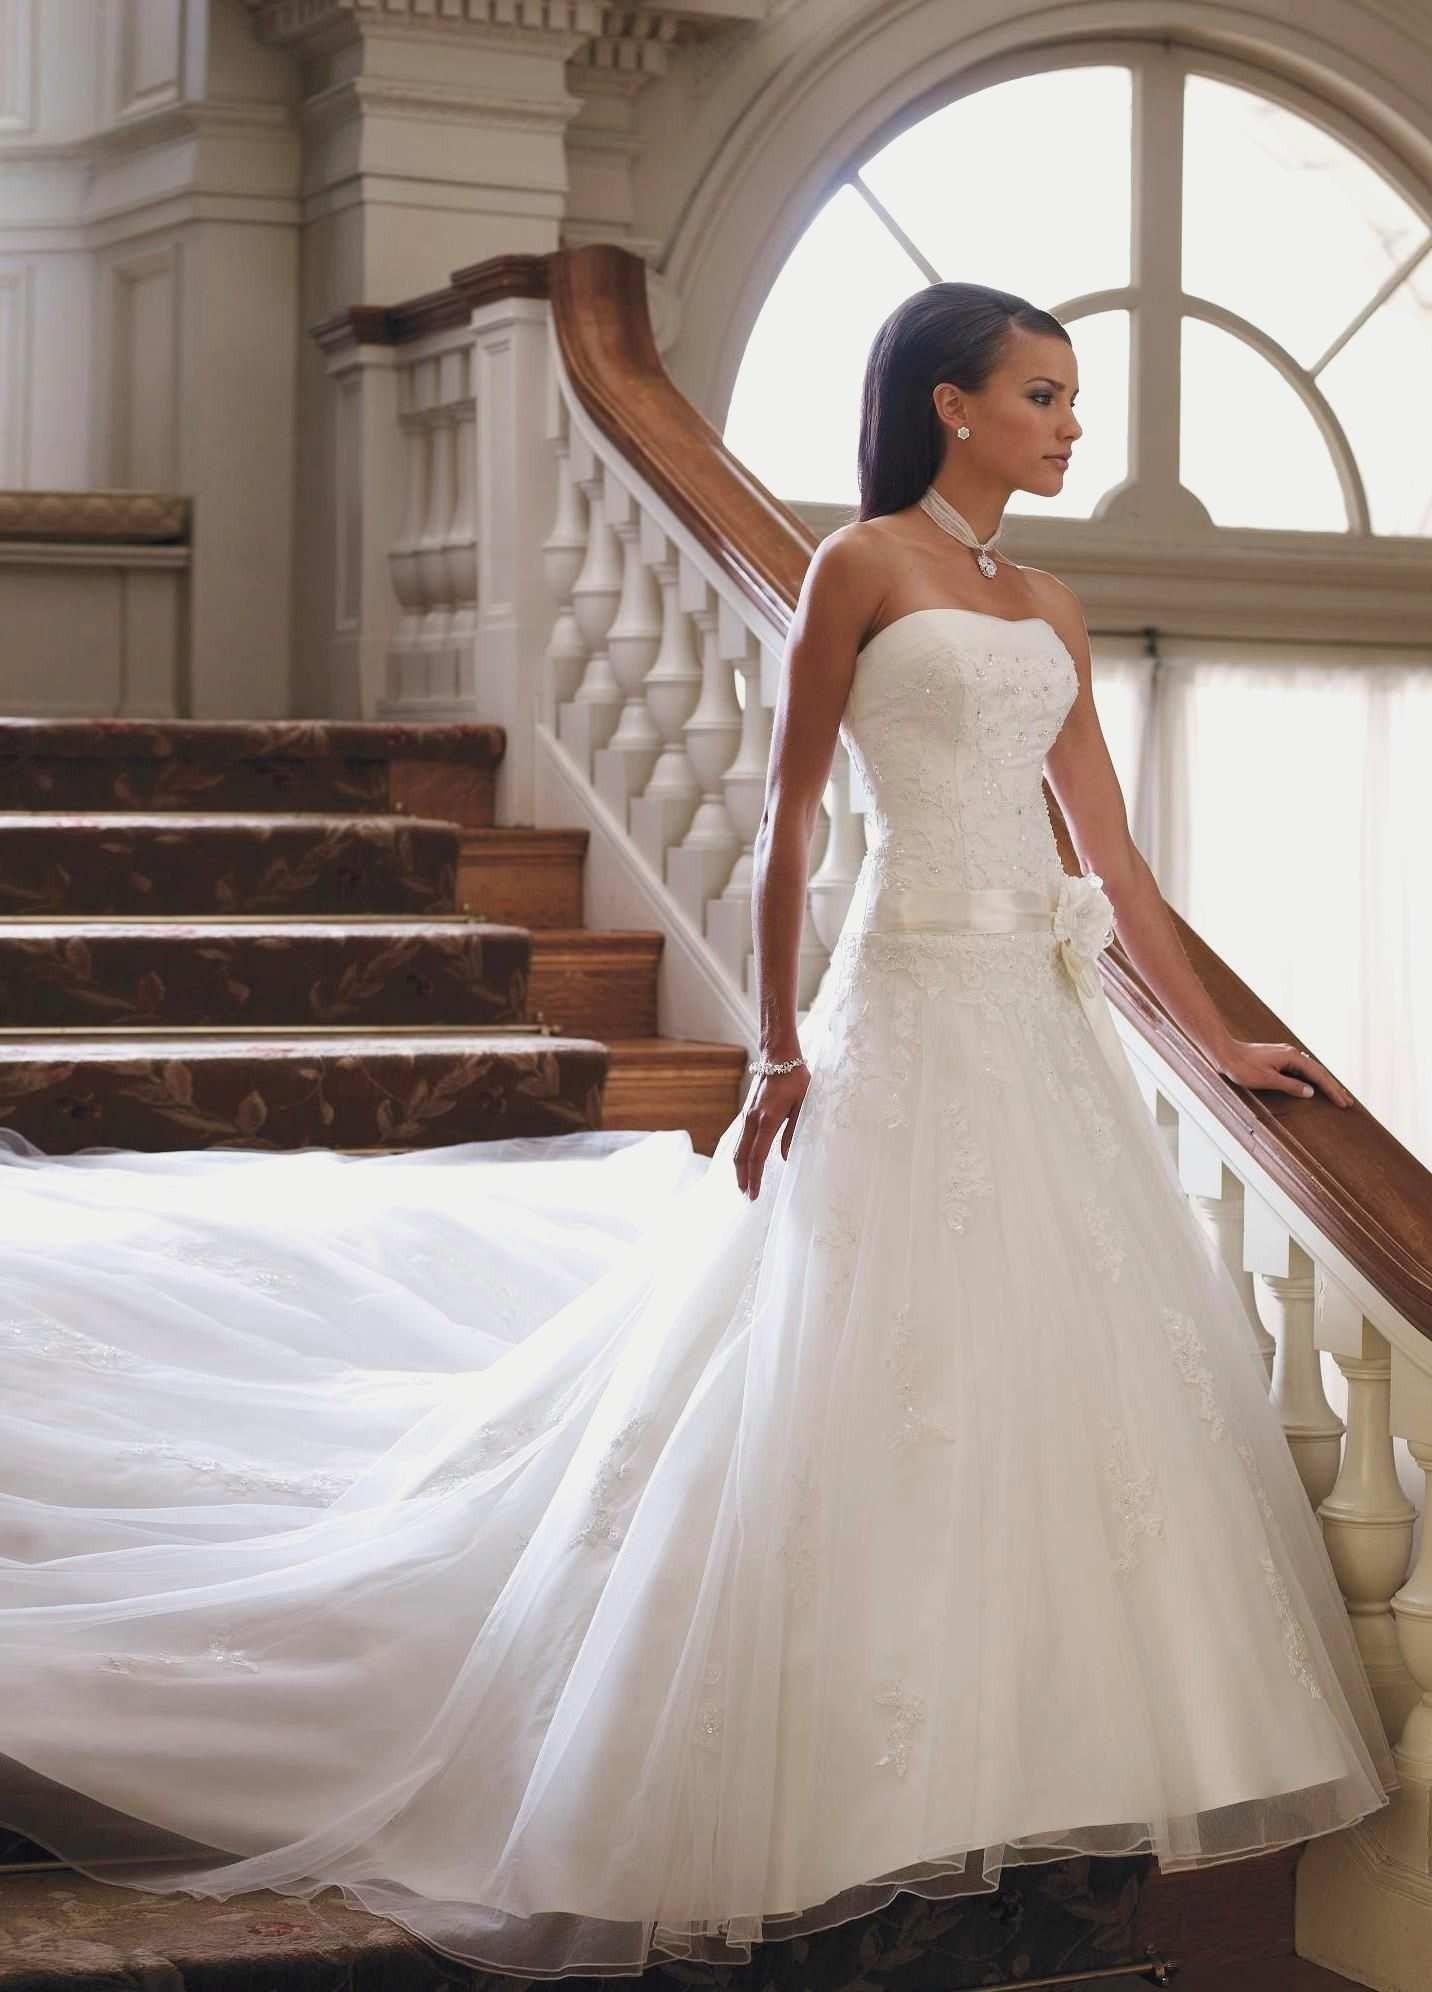 15 Luxus Brautkleid Kaufen für 201910 Spektakulär Brautkleid Kaufen Stylish